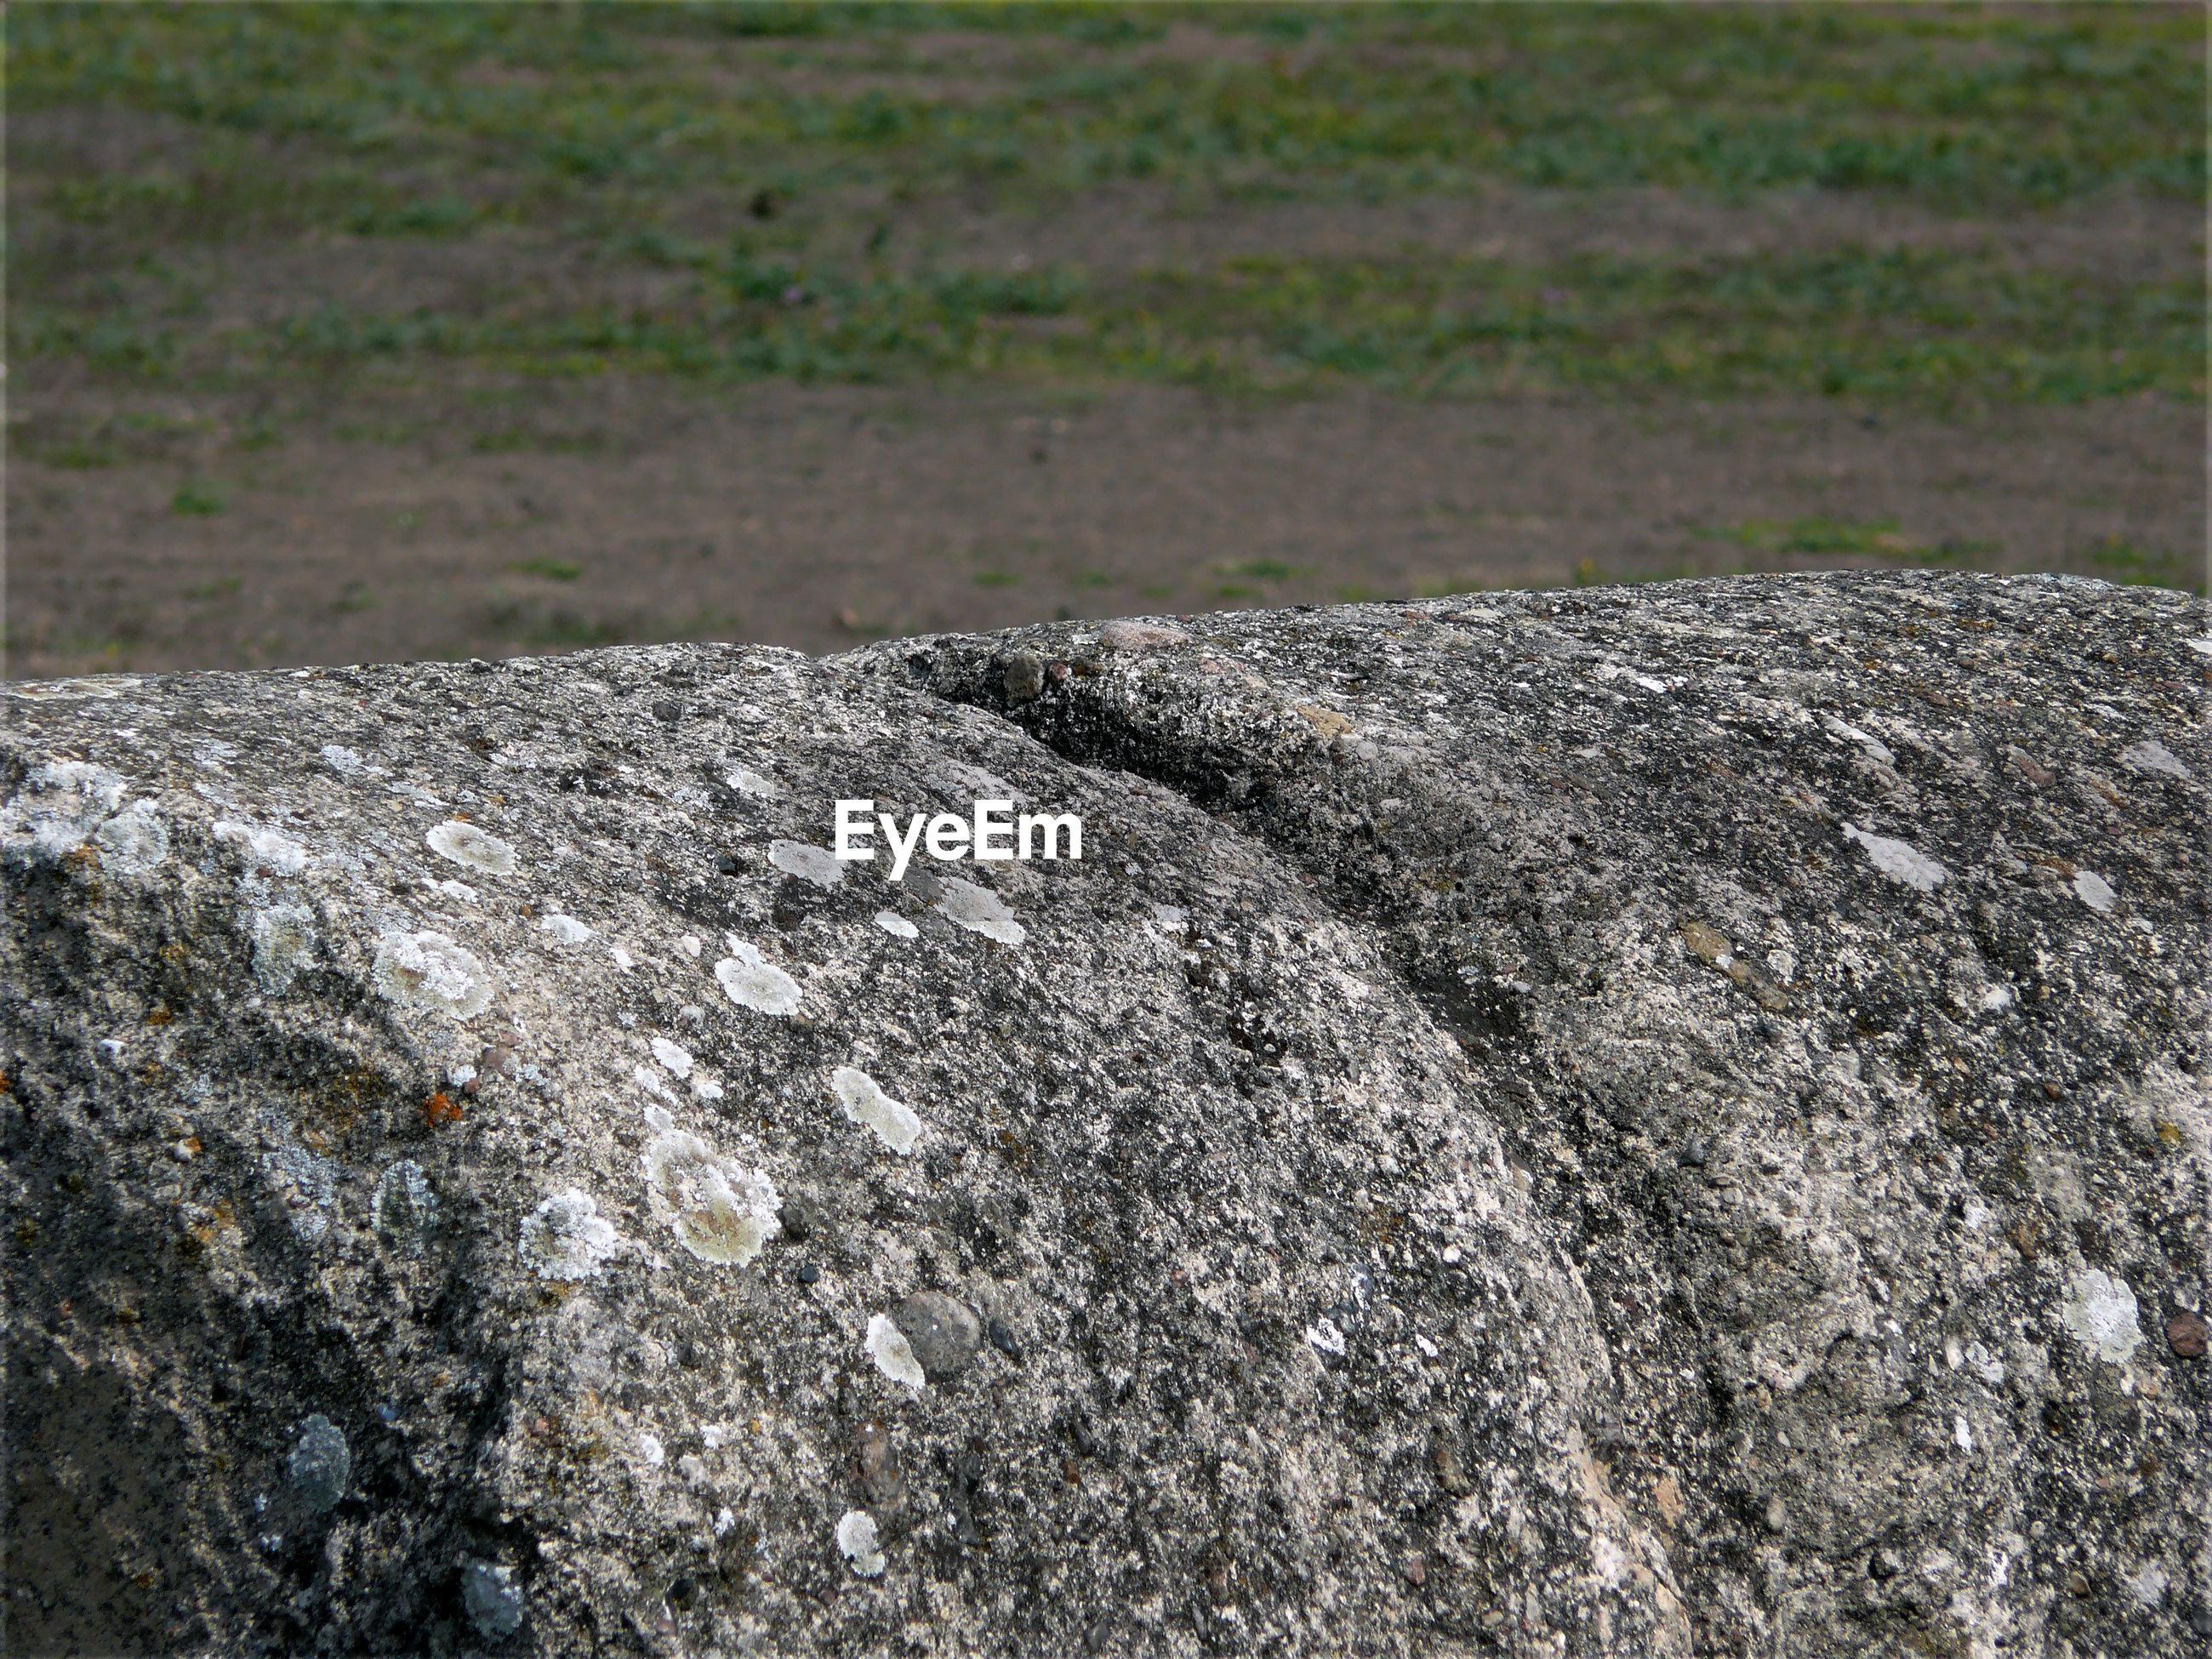 Close-up of rock on landscape